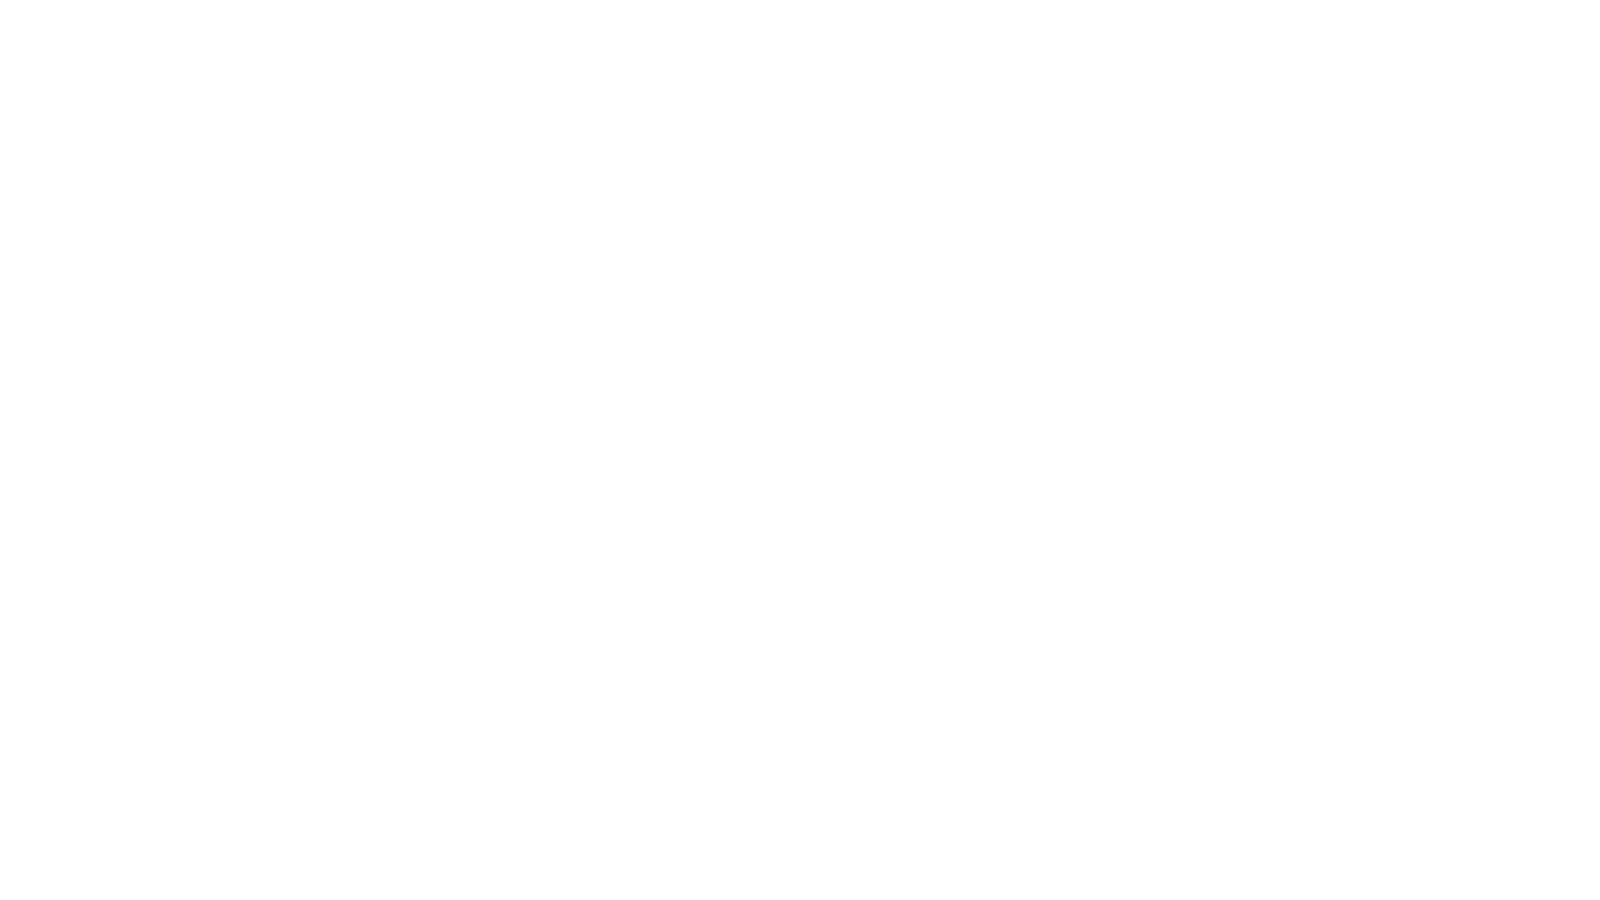 """El horario de atención al publico presencial continua siendo CON TURNO únicamente de 07:00 a 13:30 hs. Recepción y mensajería de whatsapp al número 3764-907538 de 07:00 a 16:00 hs. Para solicitar turno ingresar a iprodha.misiones.gob.ar, hacer clic en la opción  """"Turno online"""" o bien a través de la aplicación """"WHYLINE"""" disponible en Google Play o App Store para celulares"""